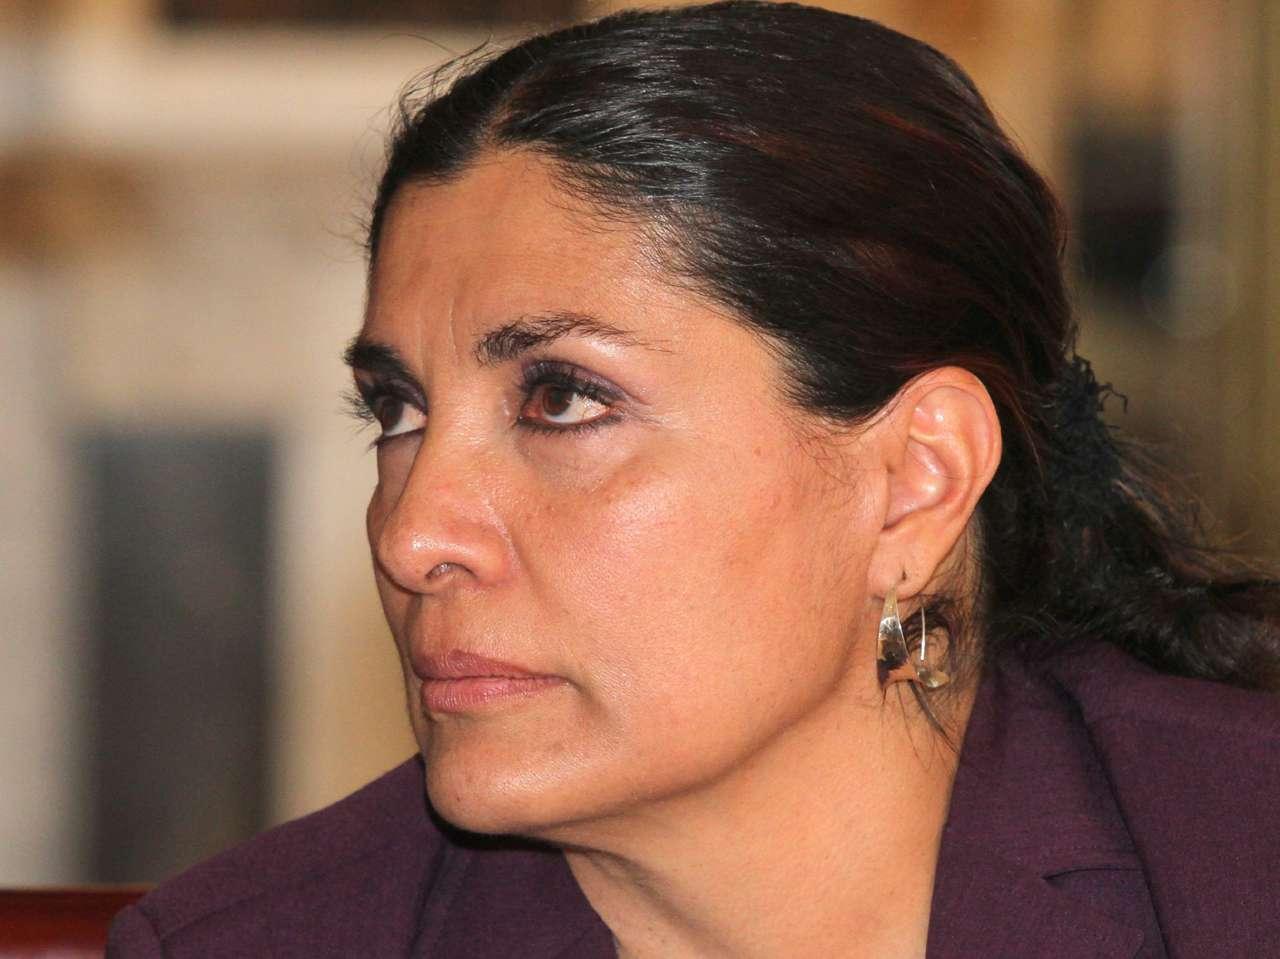 María Elena Leal Foto: Photo AMC